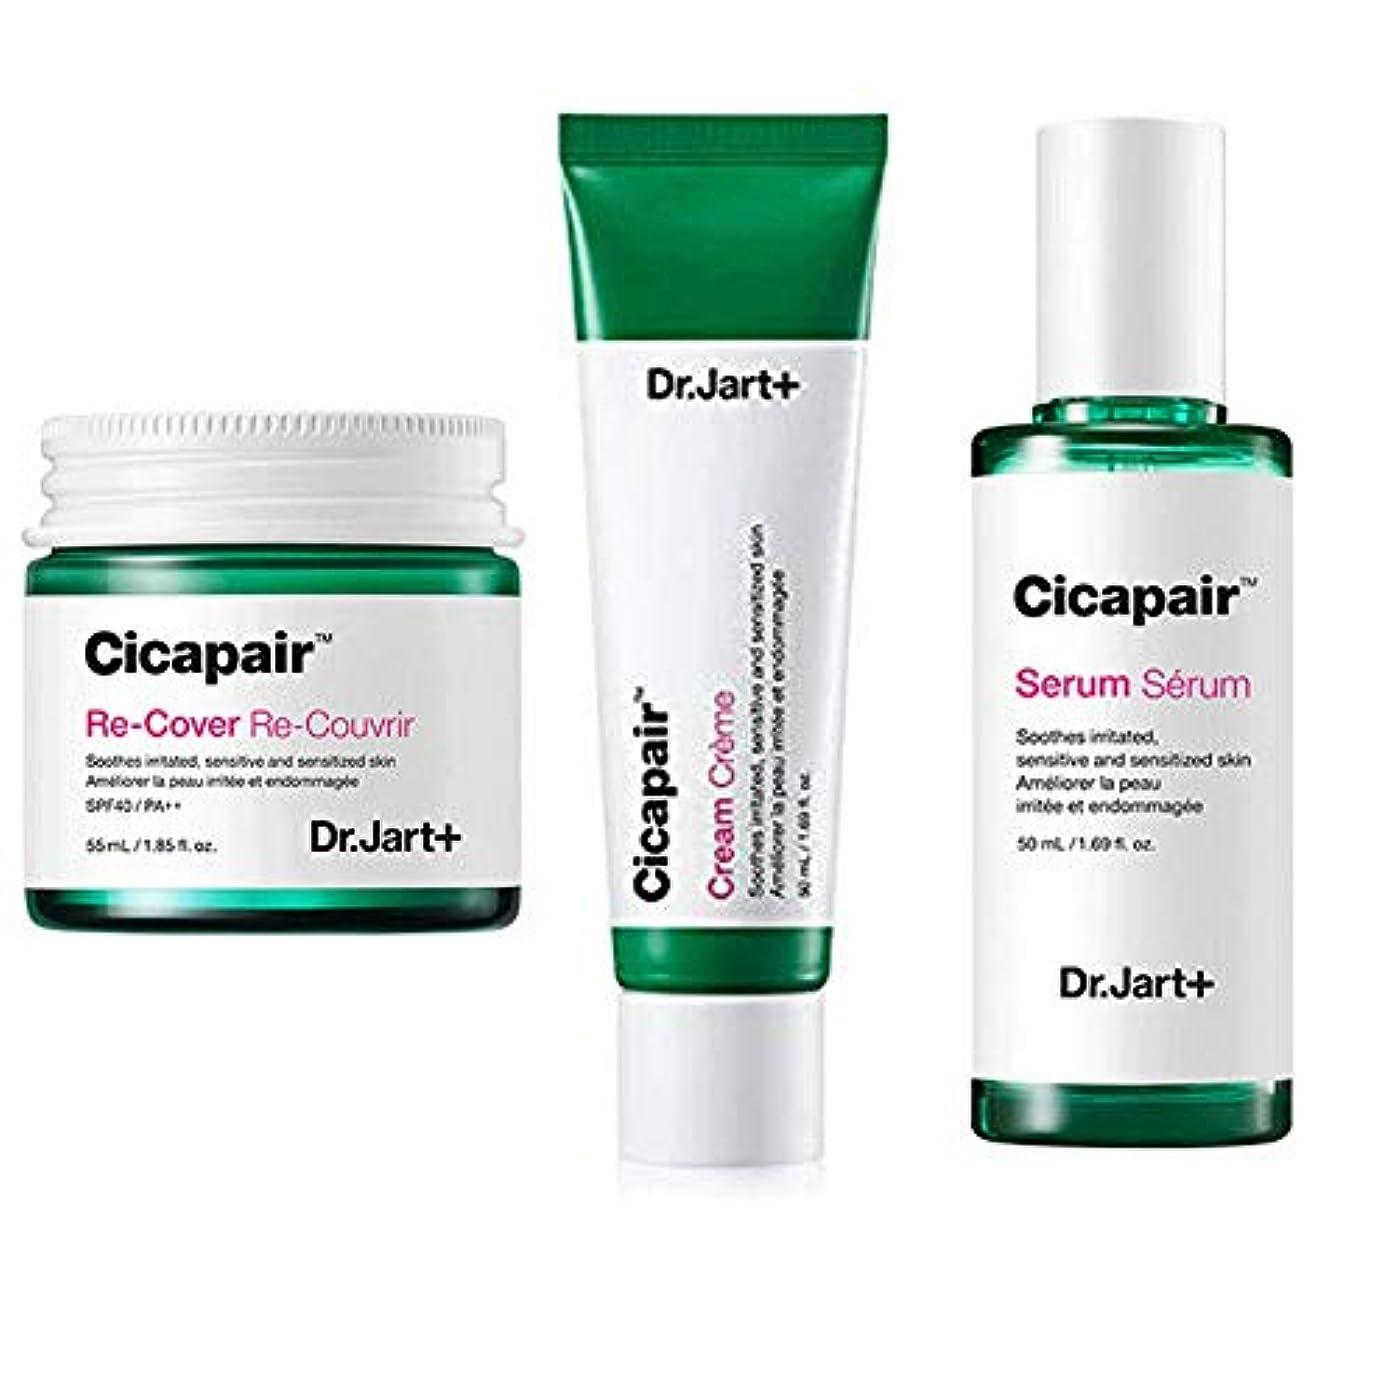 時刻表出会い損なうDr.Jart+ Cicapair Cream + ReCover + Serum ドクタージャルトシカペアクリーム50ml + リカバー 55ml + セラム 50ml(2代目) セット [並行輸入品]